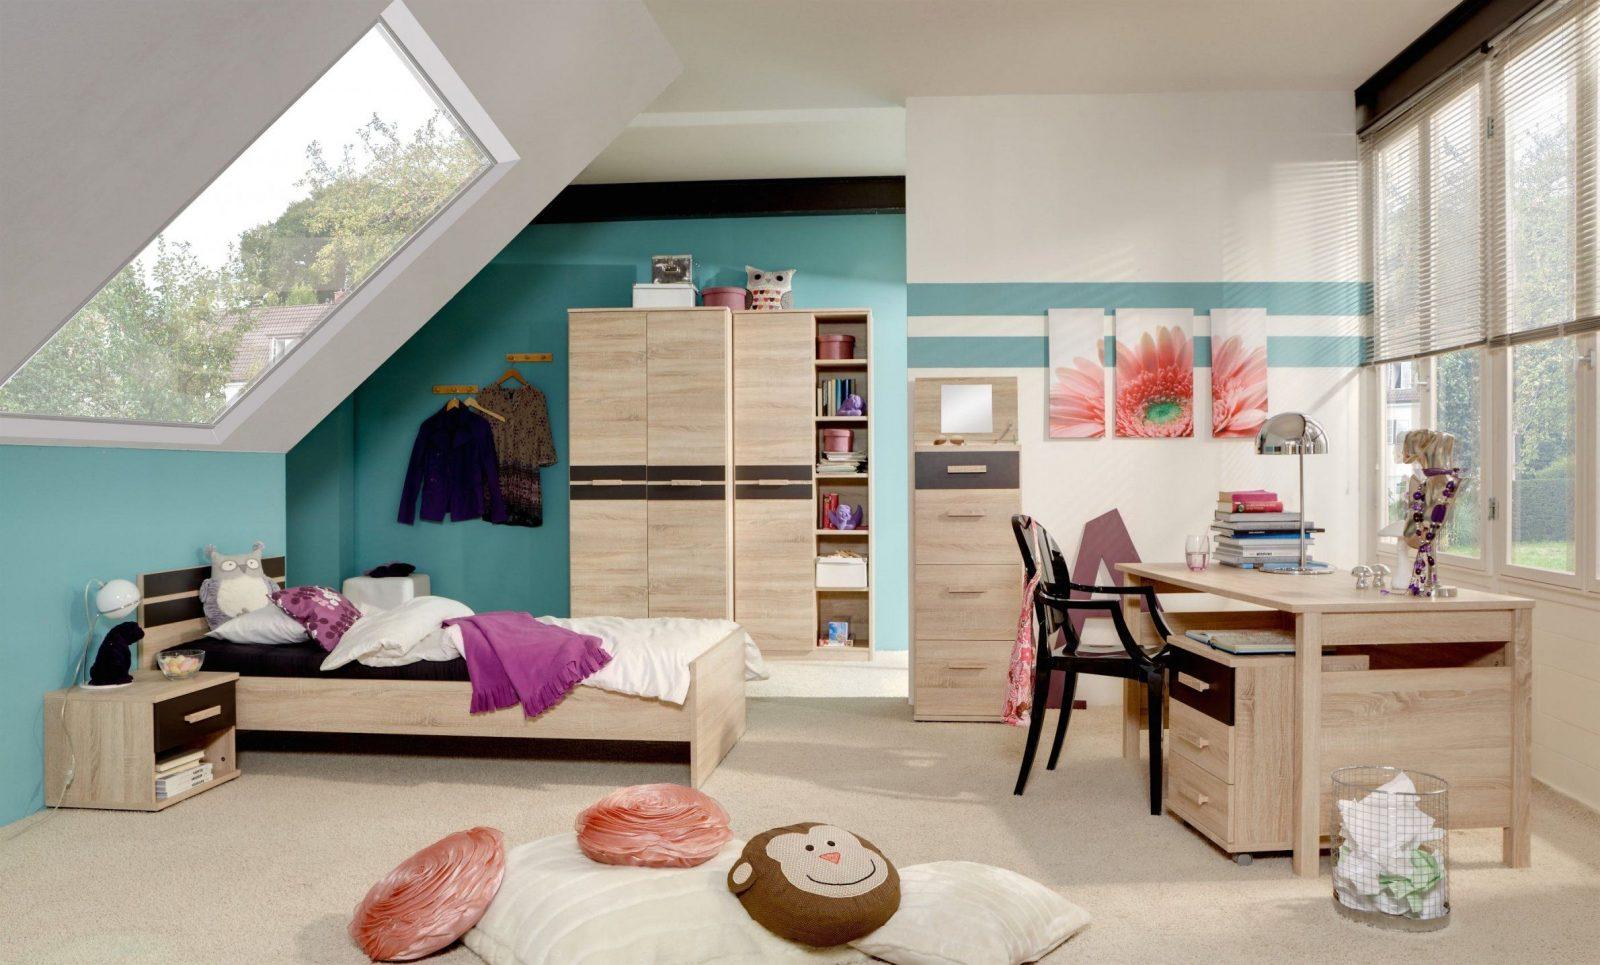 Jugendzimmer Einrichten Kleineszimmer Mädchen  Tomish von Jugendzimmer Gestalten Kleiner Raum Bild